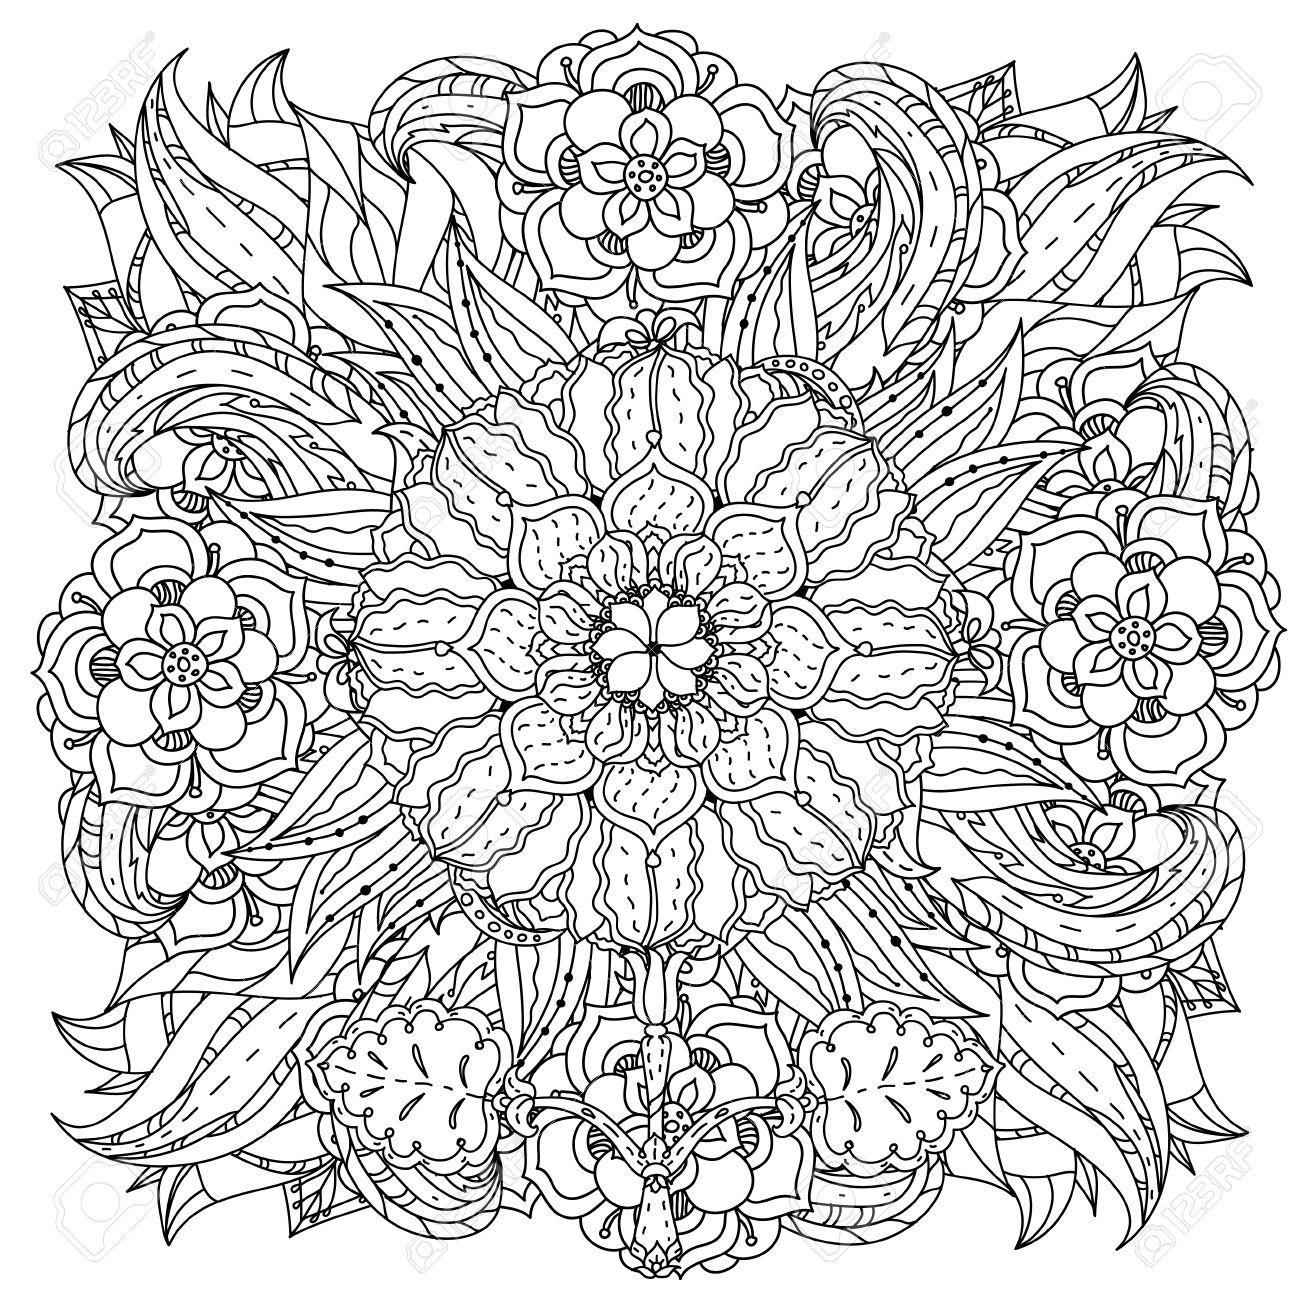 Fleurs De Forme De Mandala Profilees Pour Adulte Livre De Coloriage Dans Le Zen Style Art Therapie Anti Dessin Stress Hand Drawn Retro Griffonnage